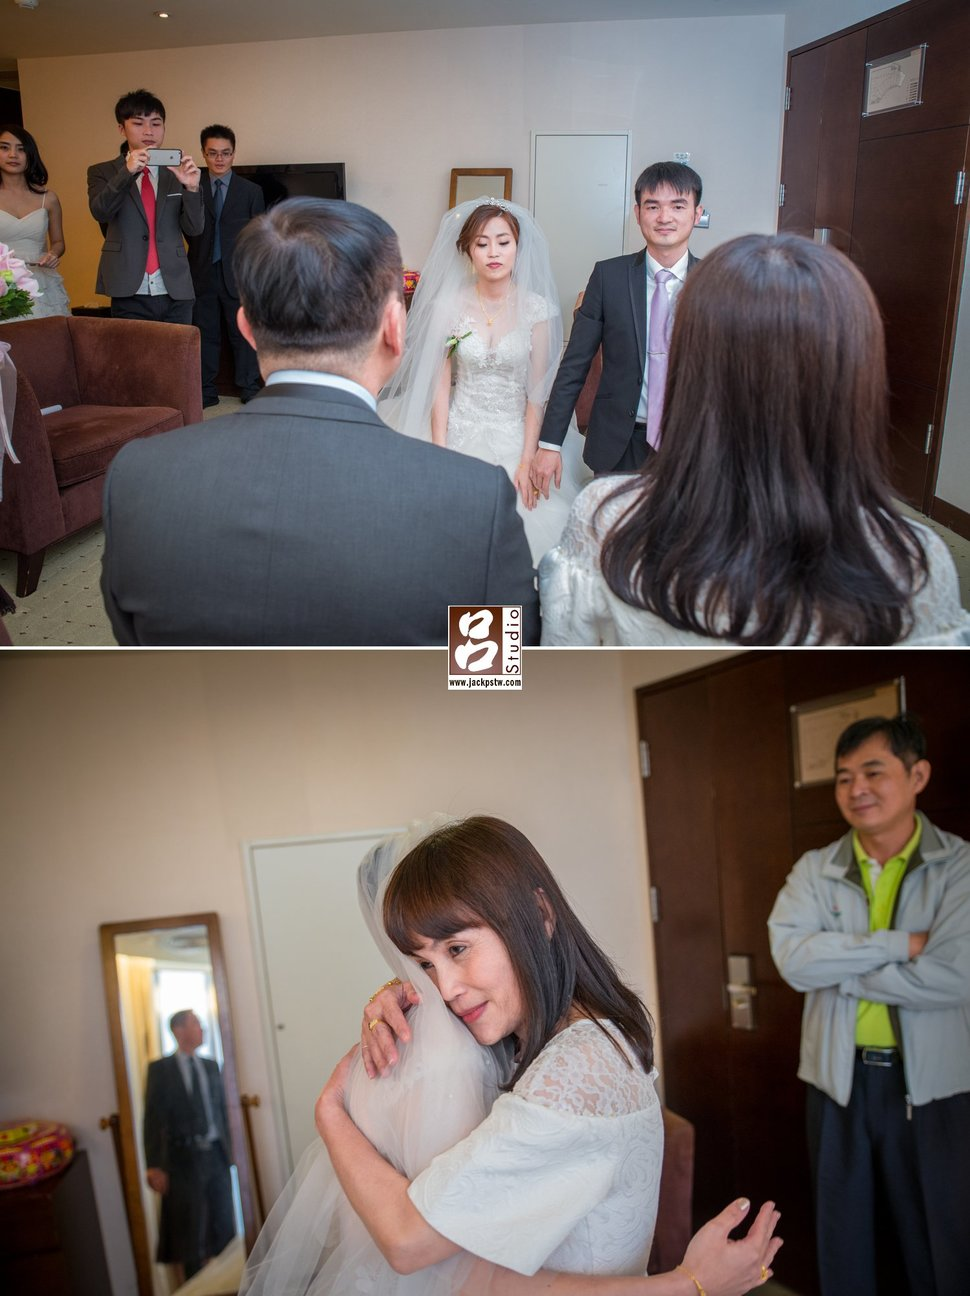 蓮潭會館-迎娶婚宴(編號:548990) - 幸福小鎮-婚禮紀錄 - 結婚吧